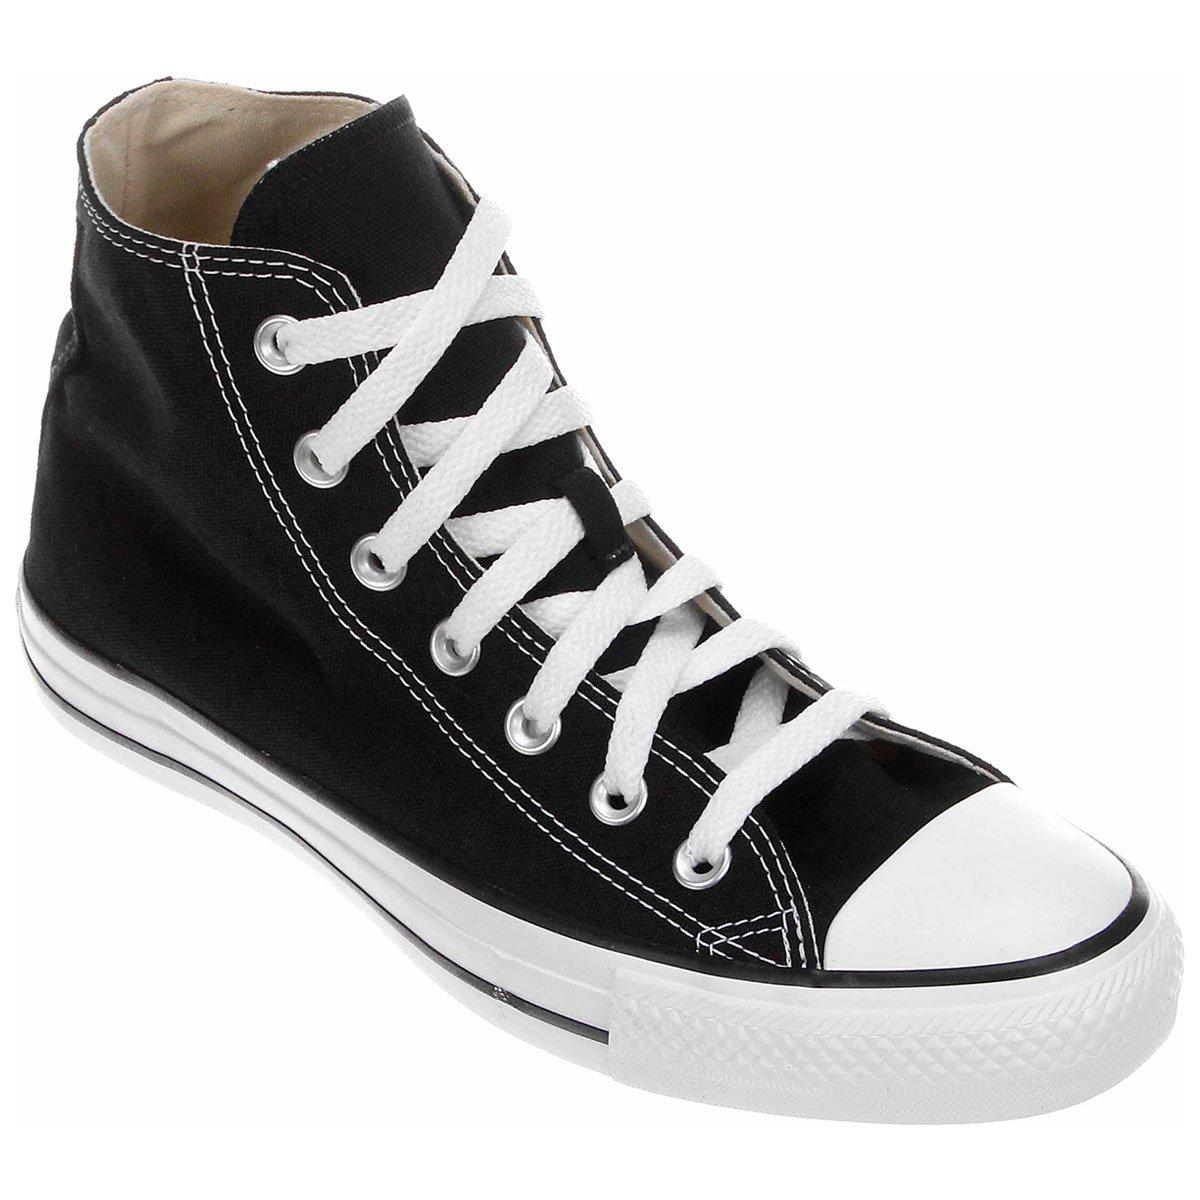 all star converse preto e branco